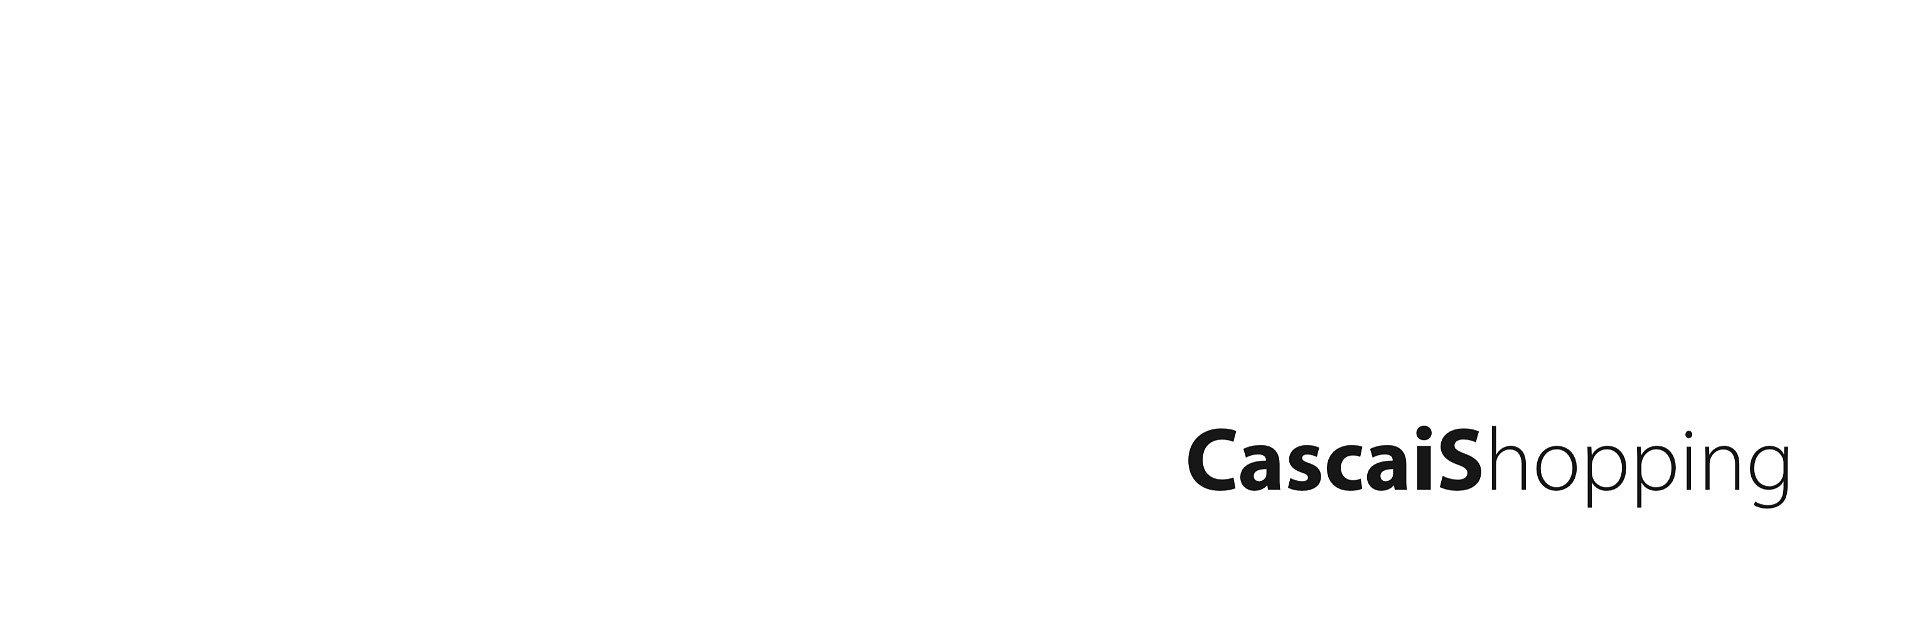 CascaiShopping acolhe exposição de moedas comemorativas de 2019